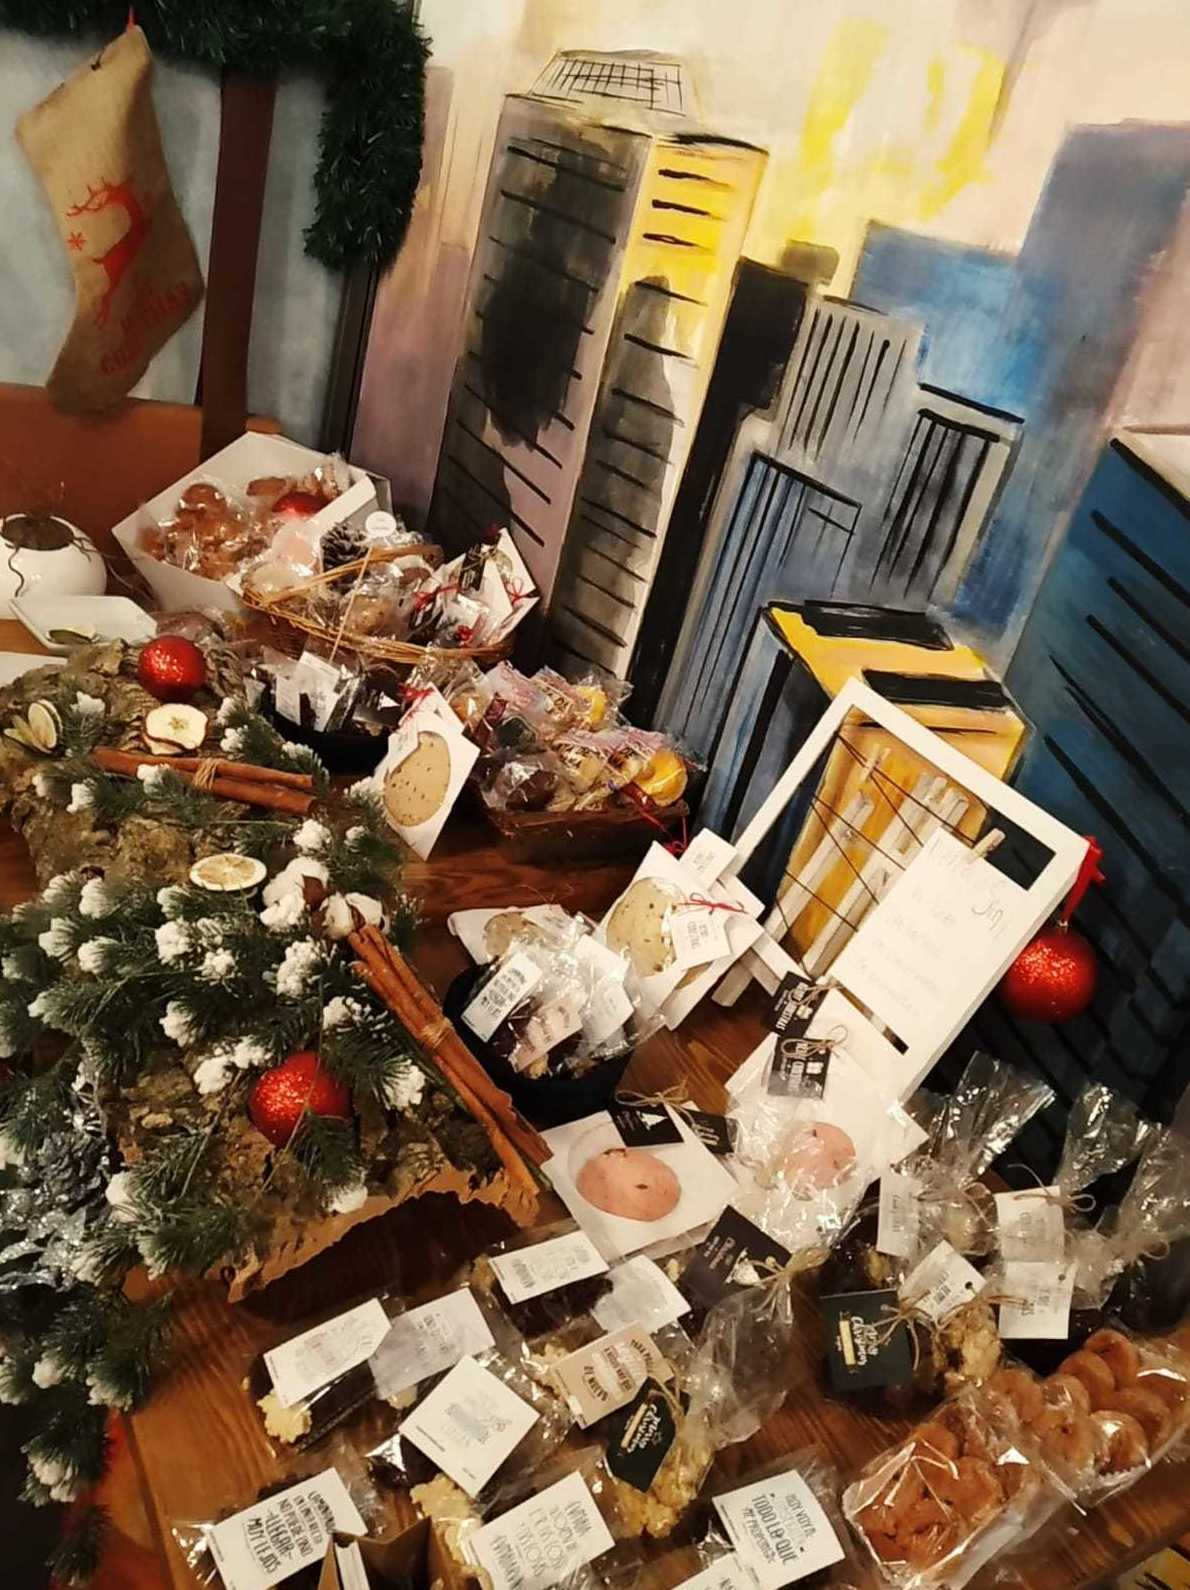 Foto 5 de Productos sin gluten y sin lactosa en Valencia | La Tatarabuela Magdalena